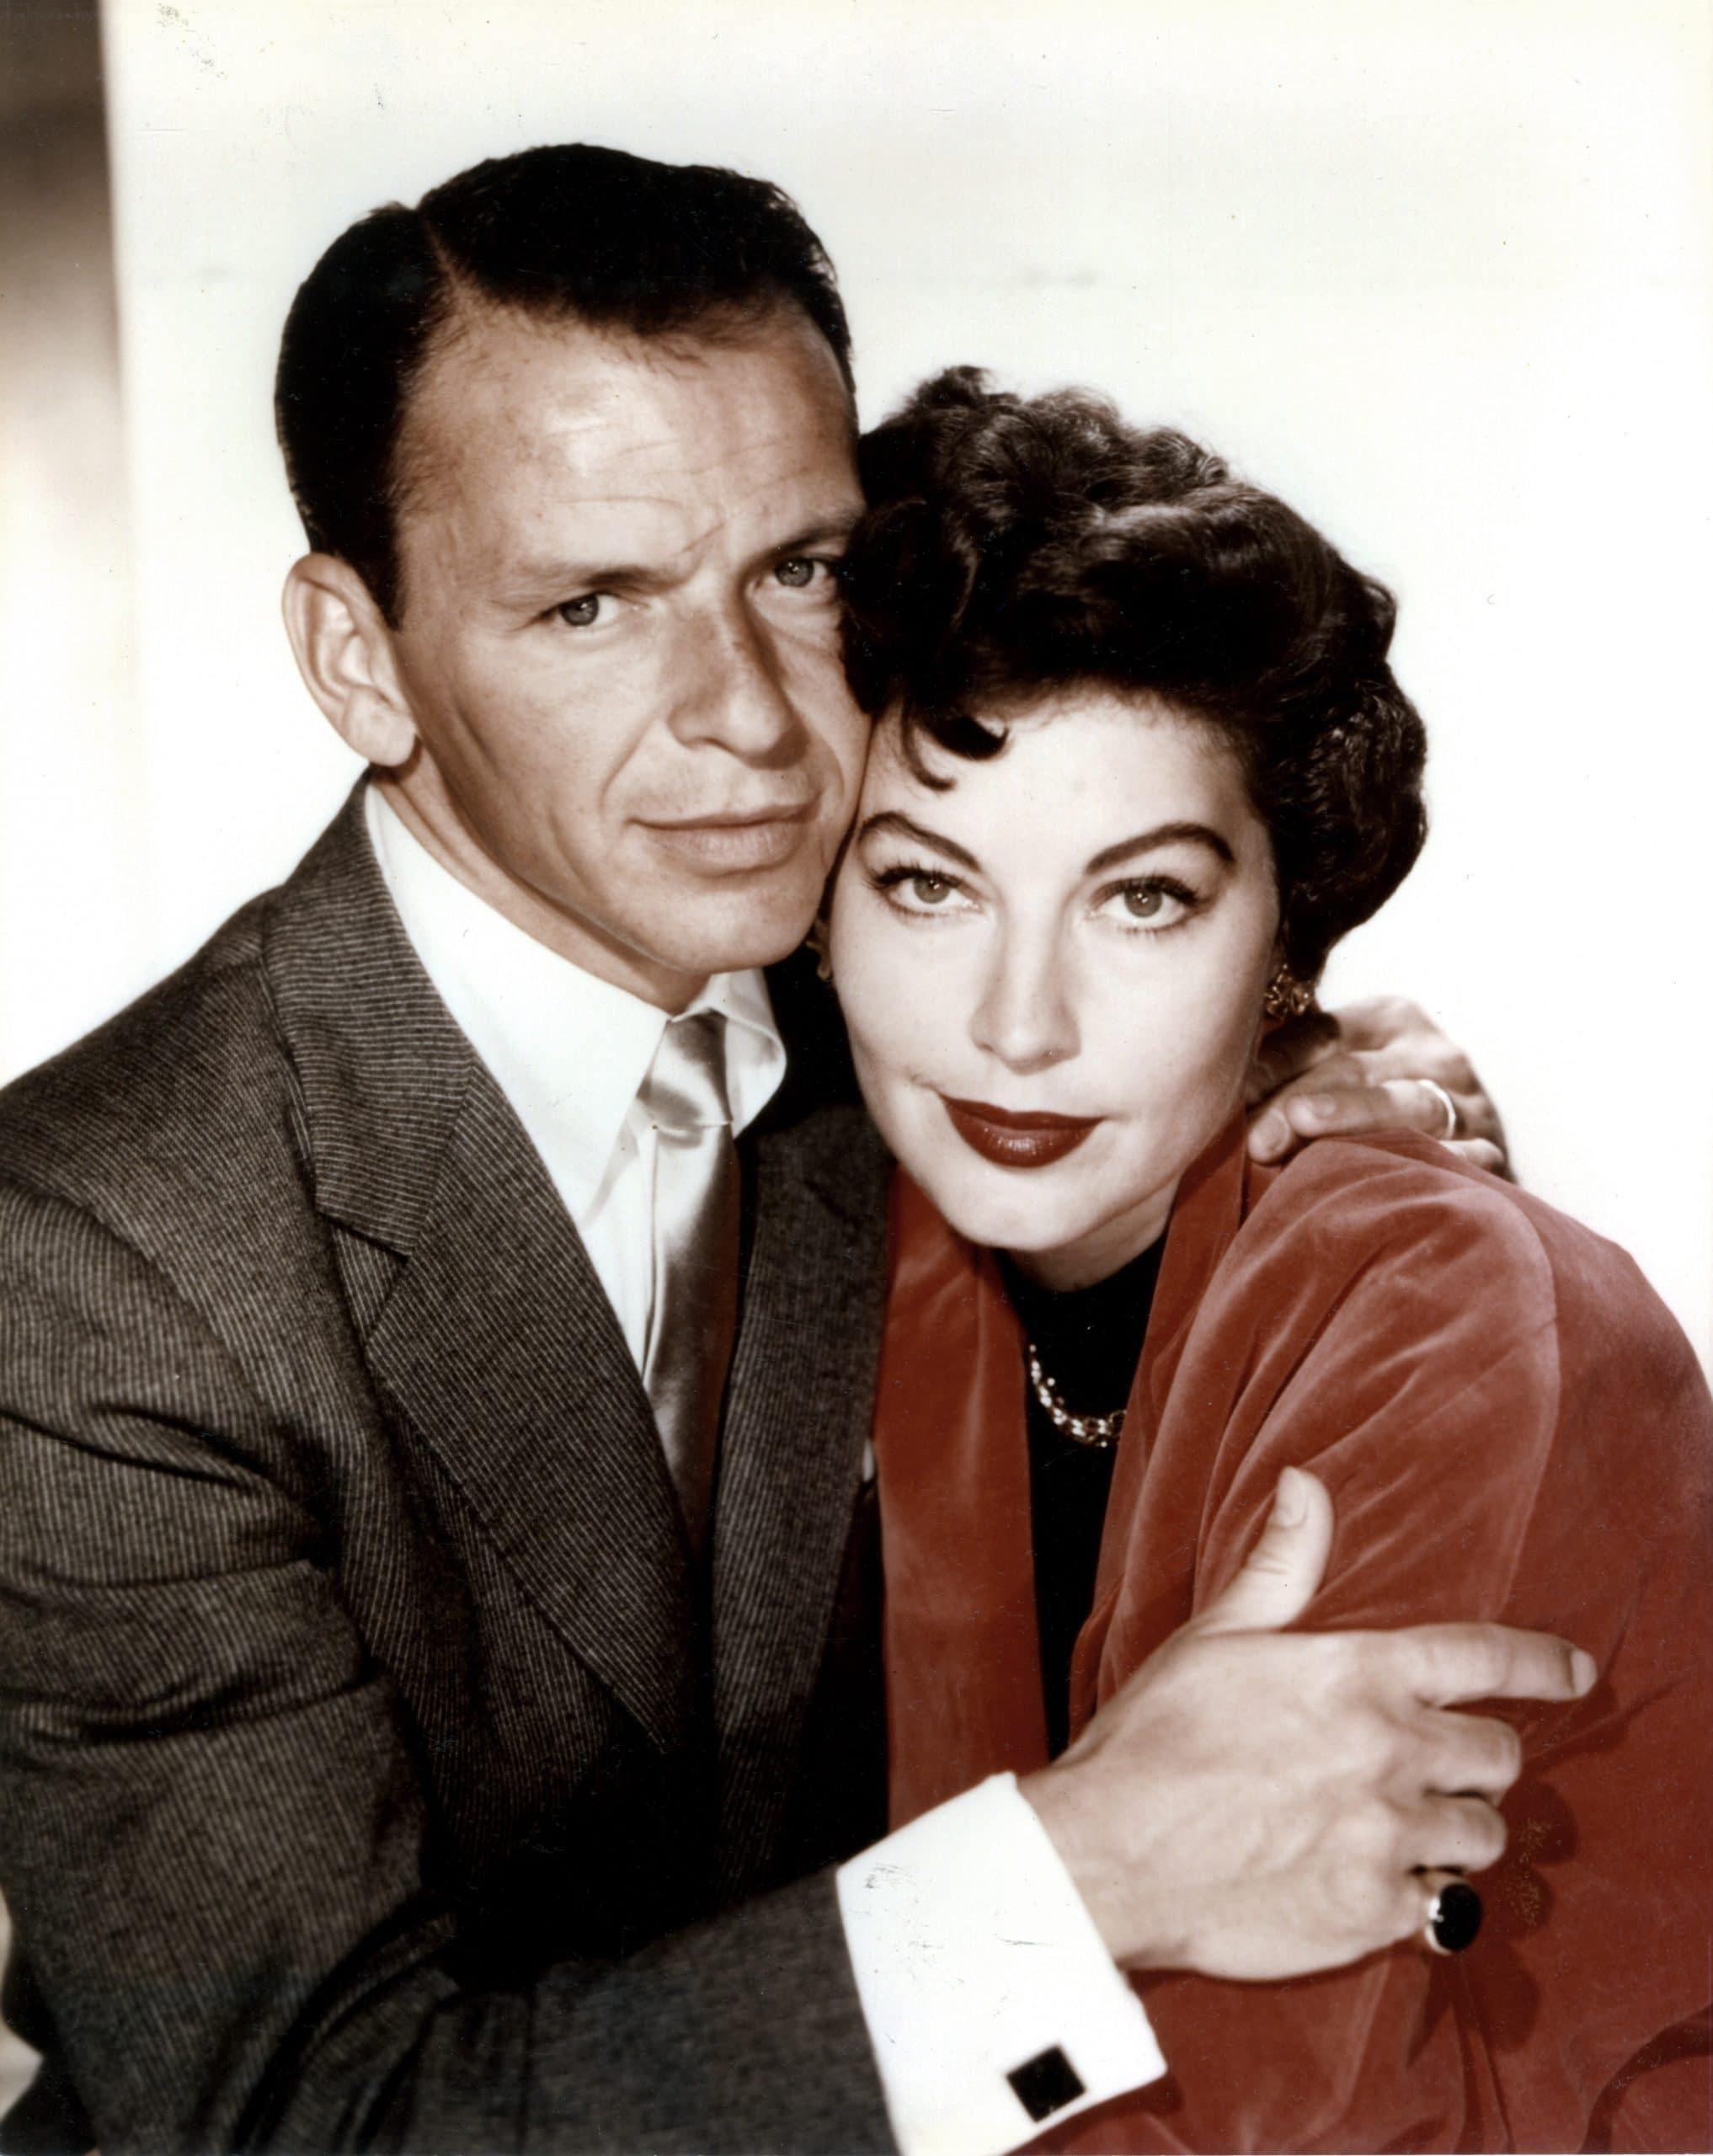 From left, Frank Sinatra, Ava Gardner